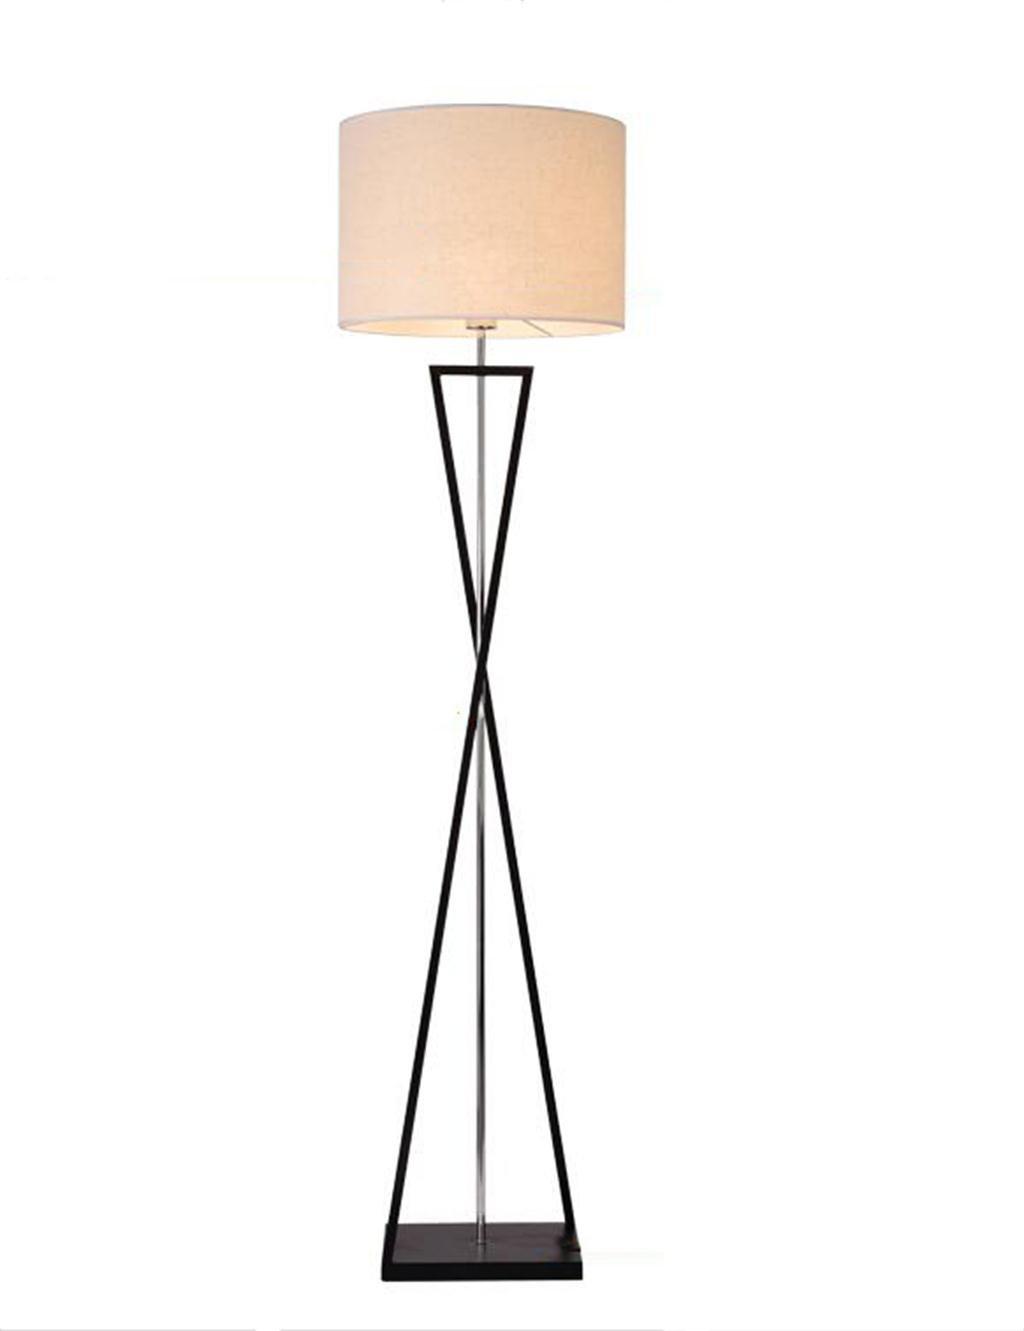 BODENLEUCHTE, American Iron Einfache Moderne Kreative Vertikale Stehleuchte Wohnzimmer Schlafzimmer Stehleuchte Wirkungsgrad: A +++